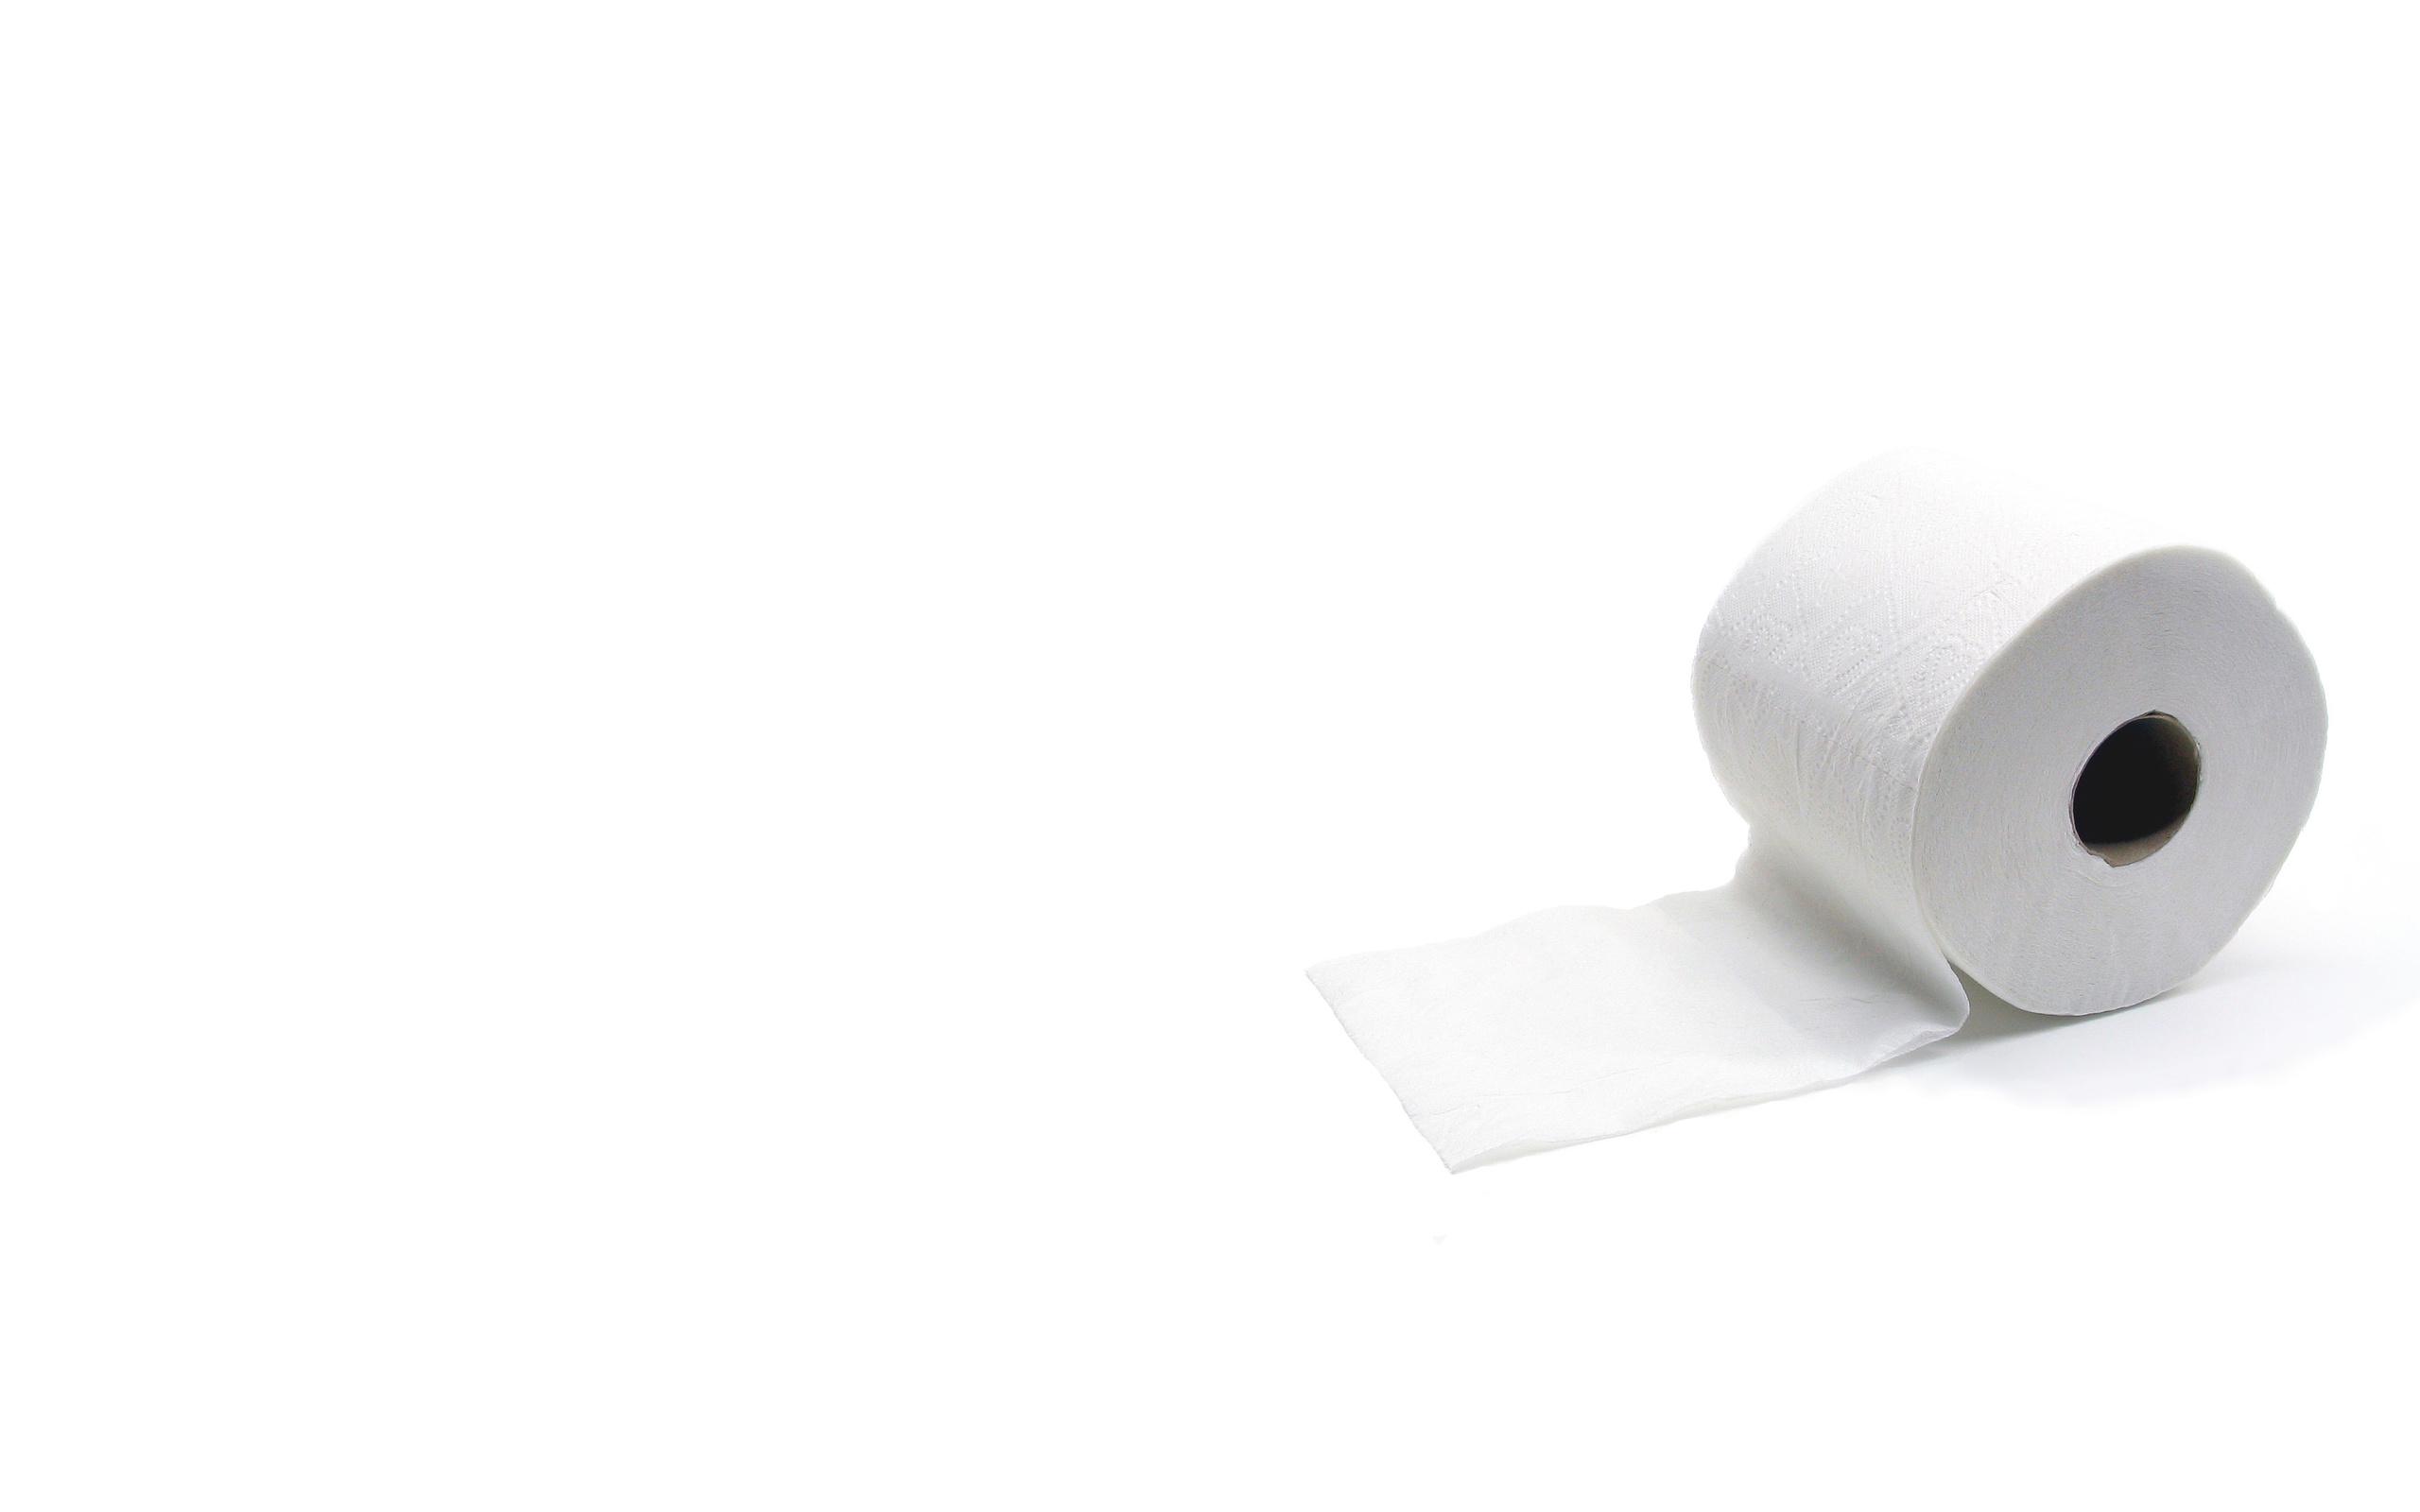 популярное картинка рулоны обоев на белом фоне делить текст